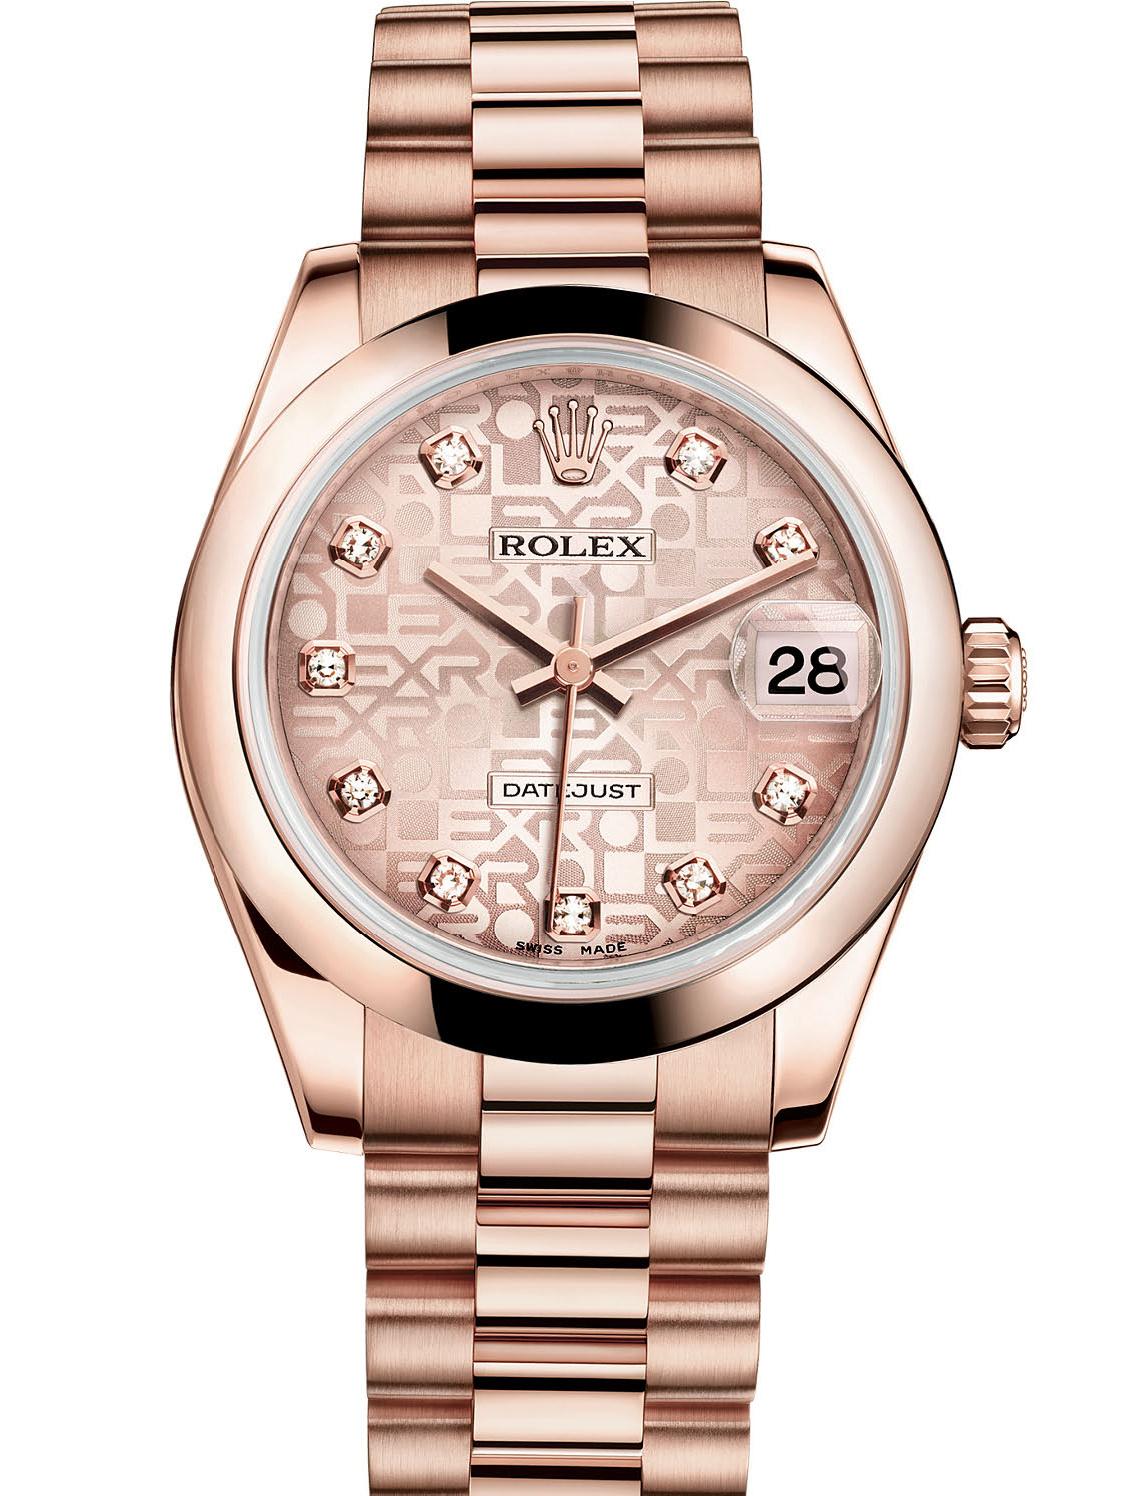 劳力士女装日志型31玫瑰金粉红色纪念纹面钻标女表178245F-0005